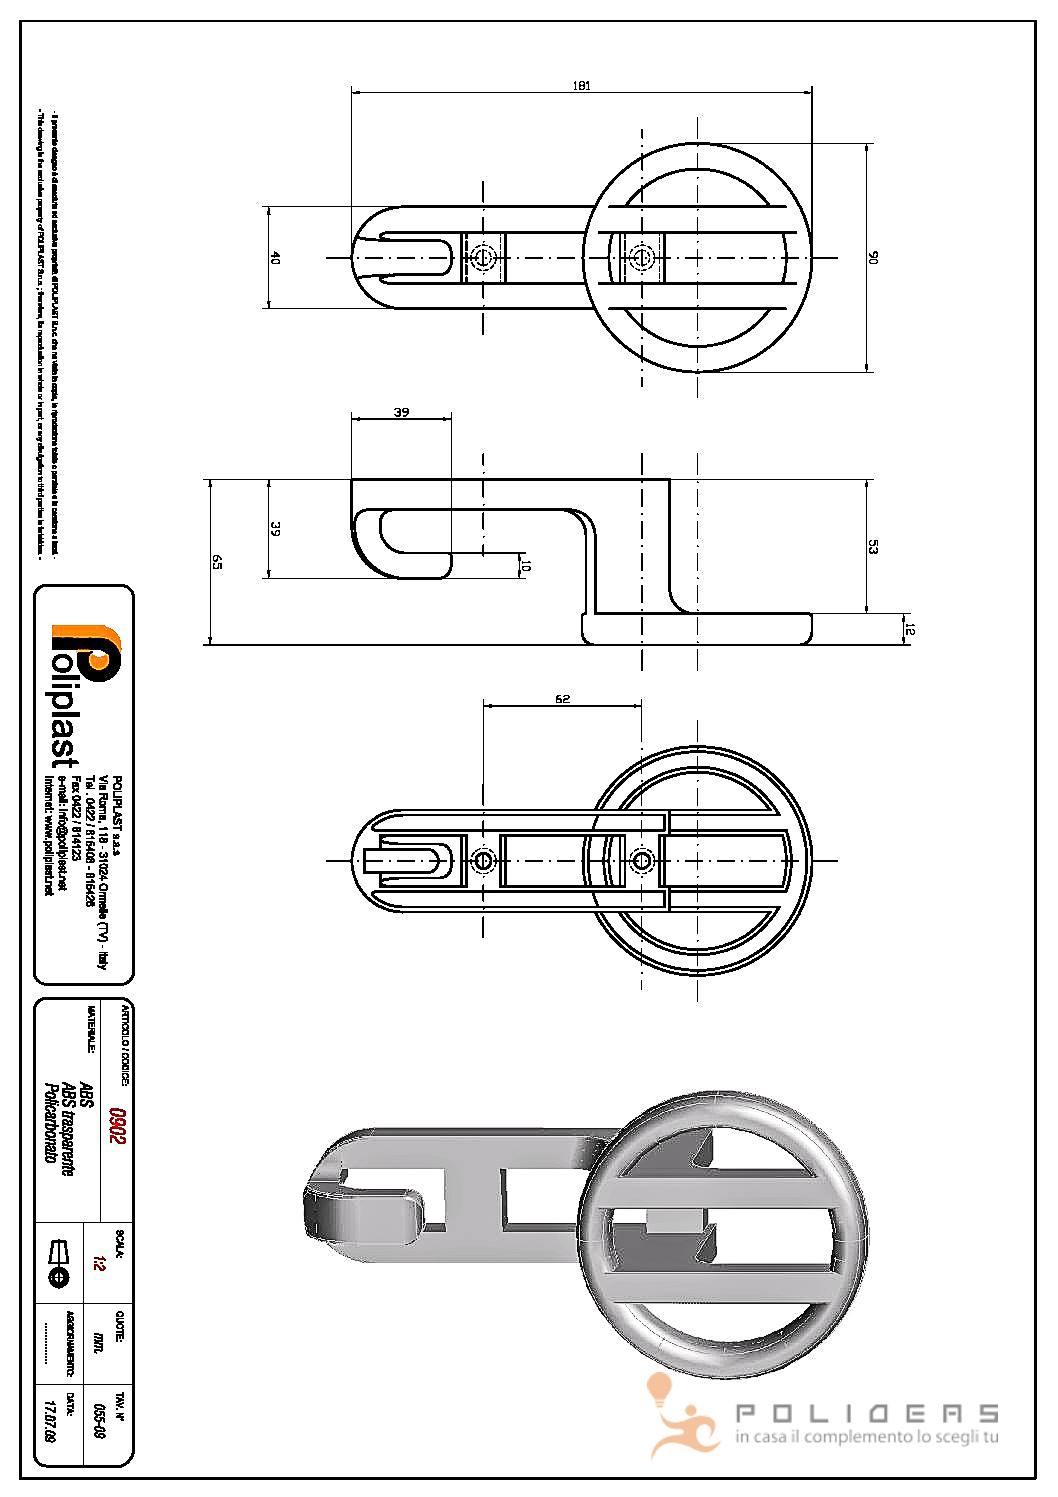 disegno appendiabiti camera pdf